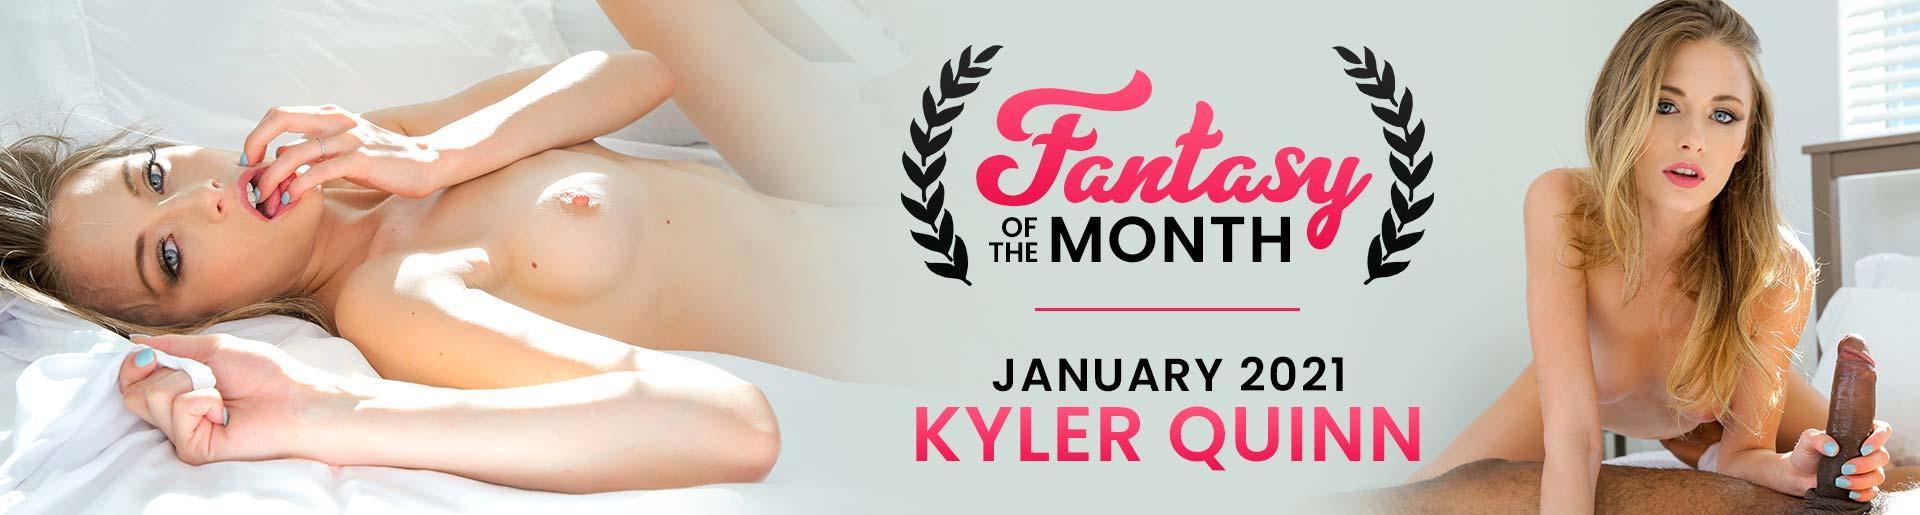 Fantasy-of-the-Month-January-2021---Kyler-Quinn